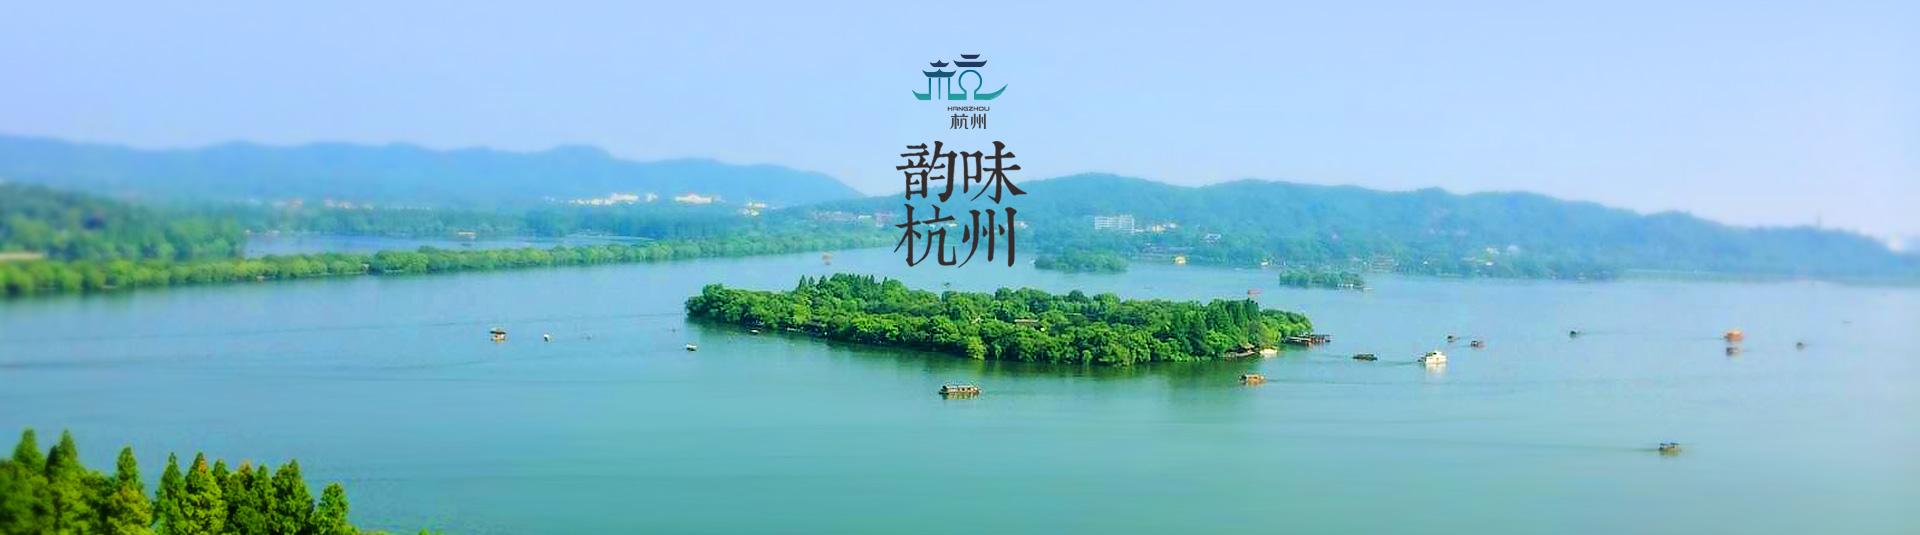 杭州风景区banner高清